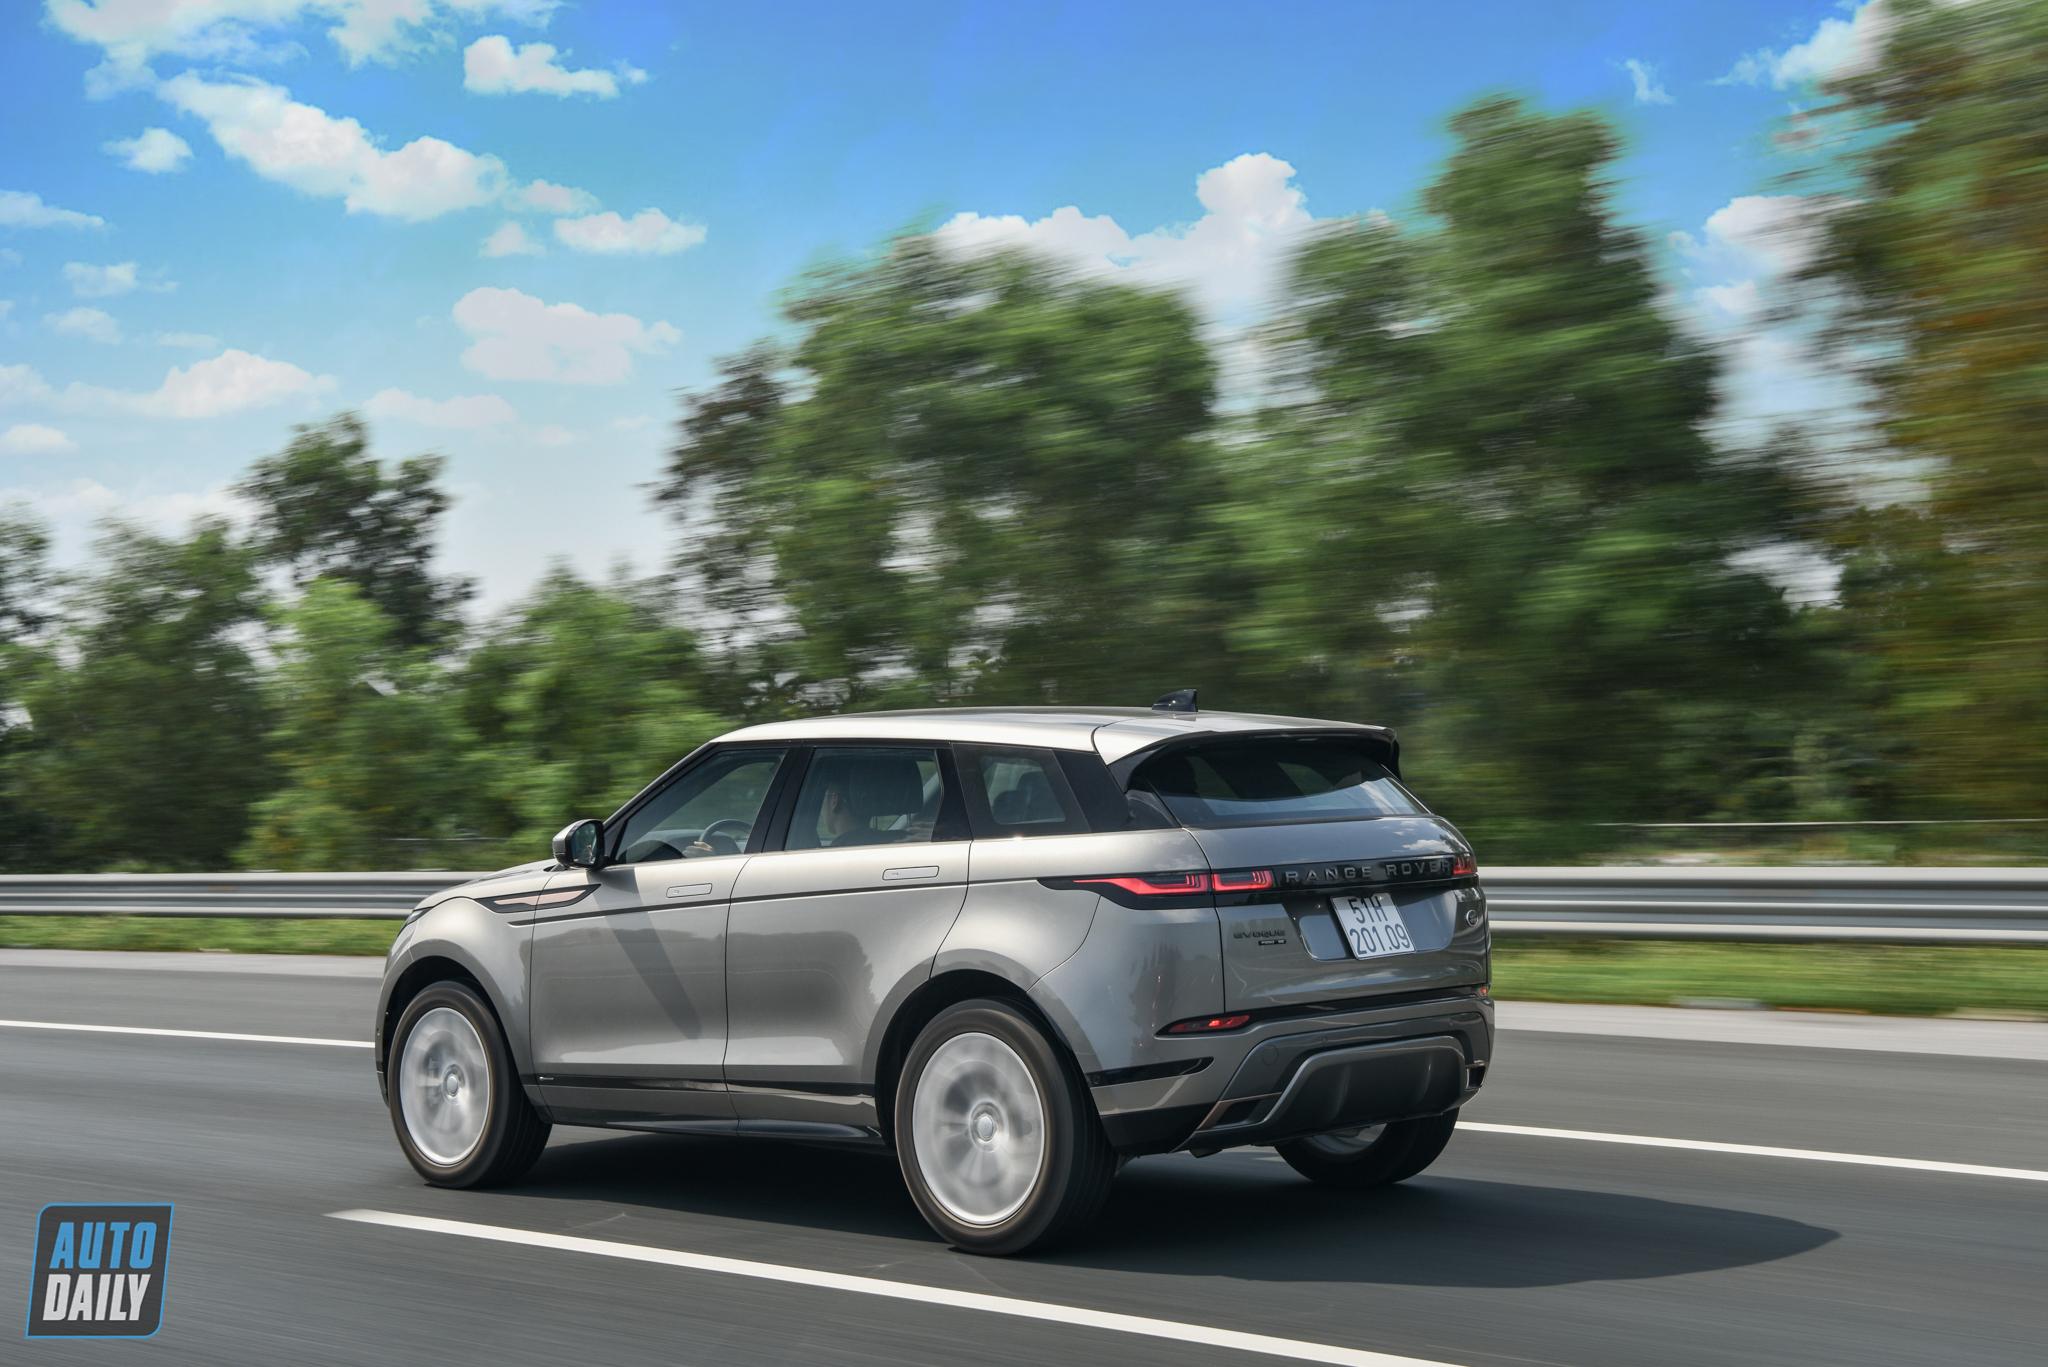 range-rover-evoque-2020-autodaily-40-copy.jpg